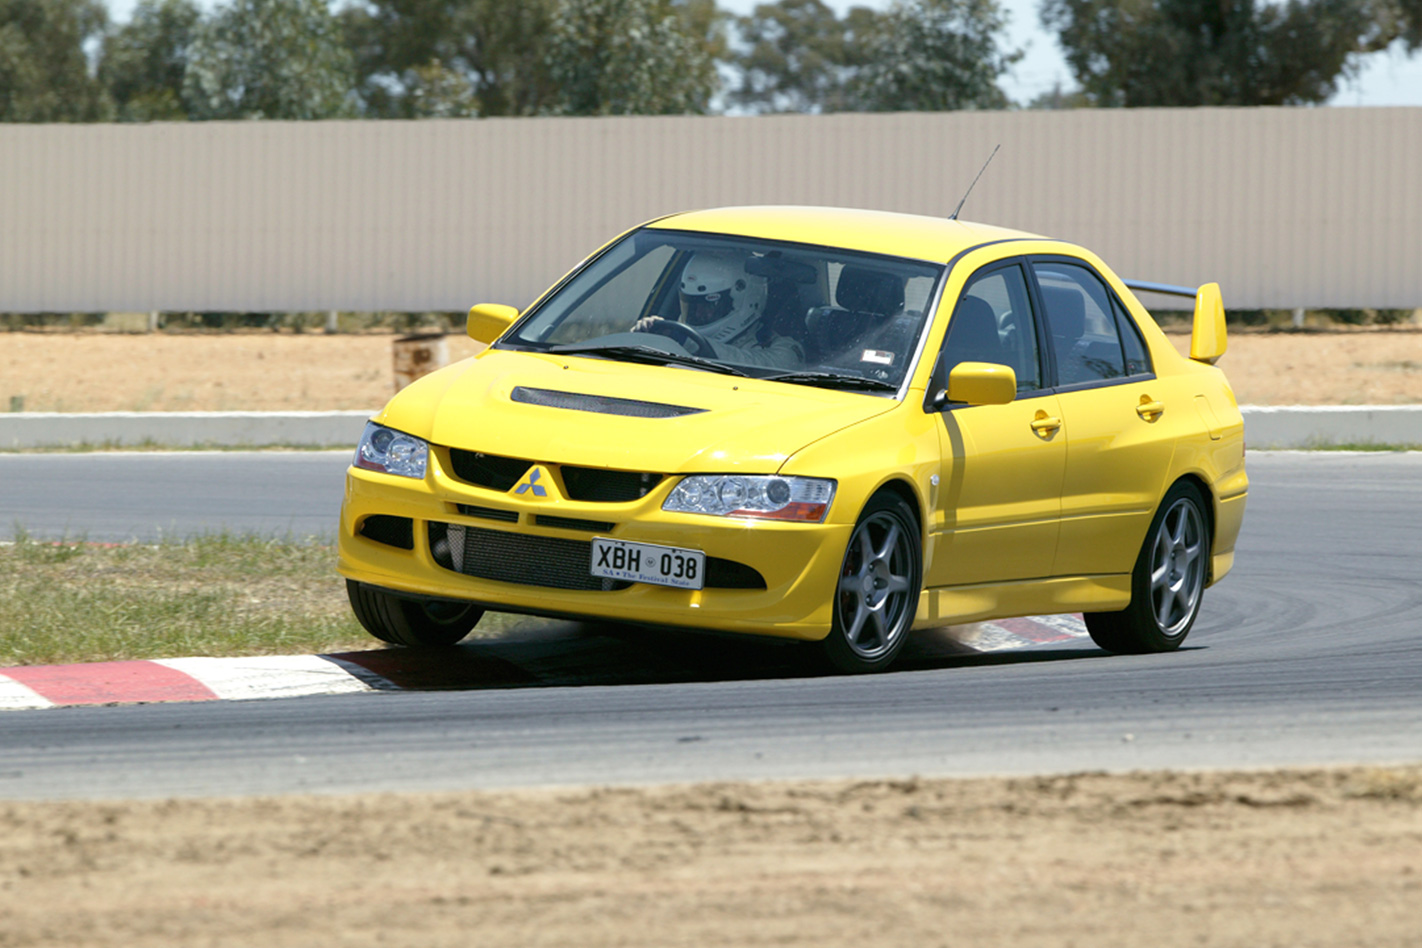 2005-Mitsubishi-Lancer-EVO-VIII.jpg